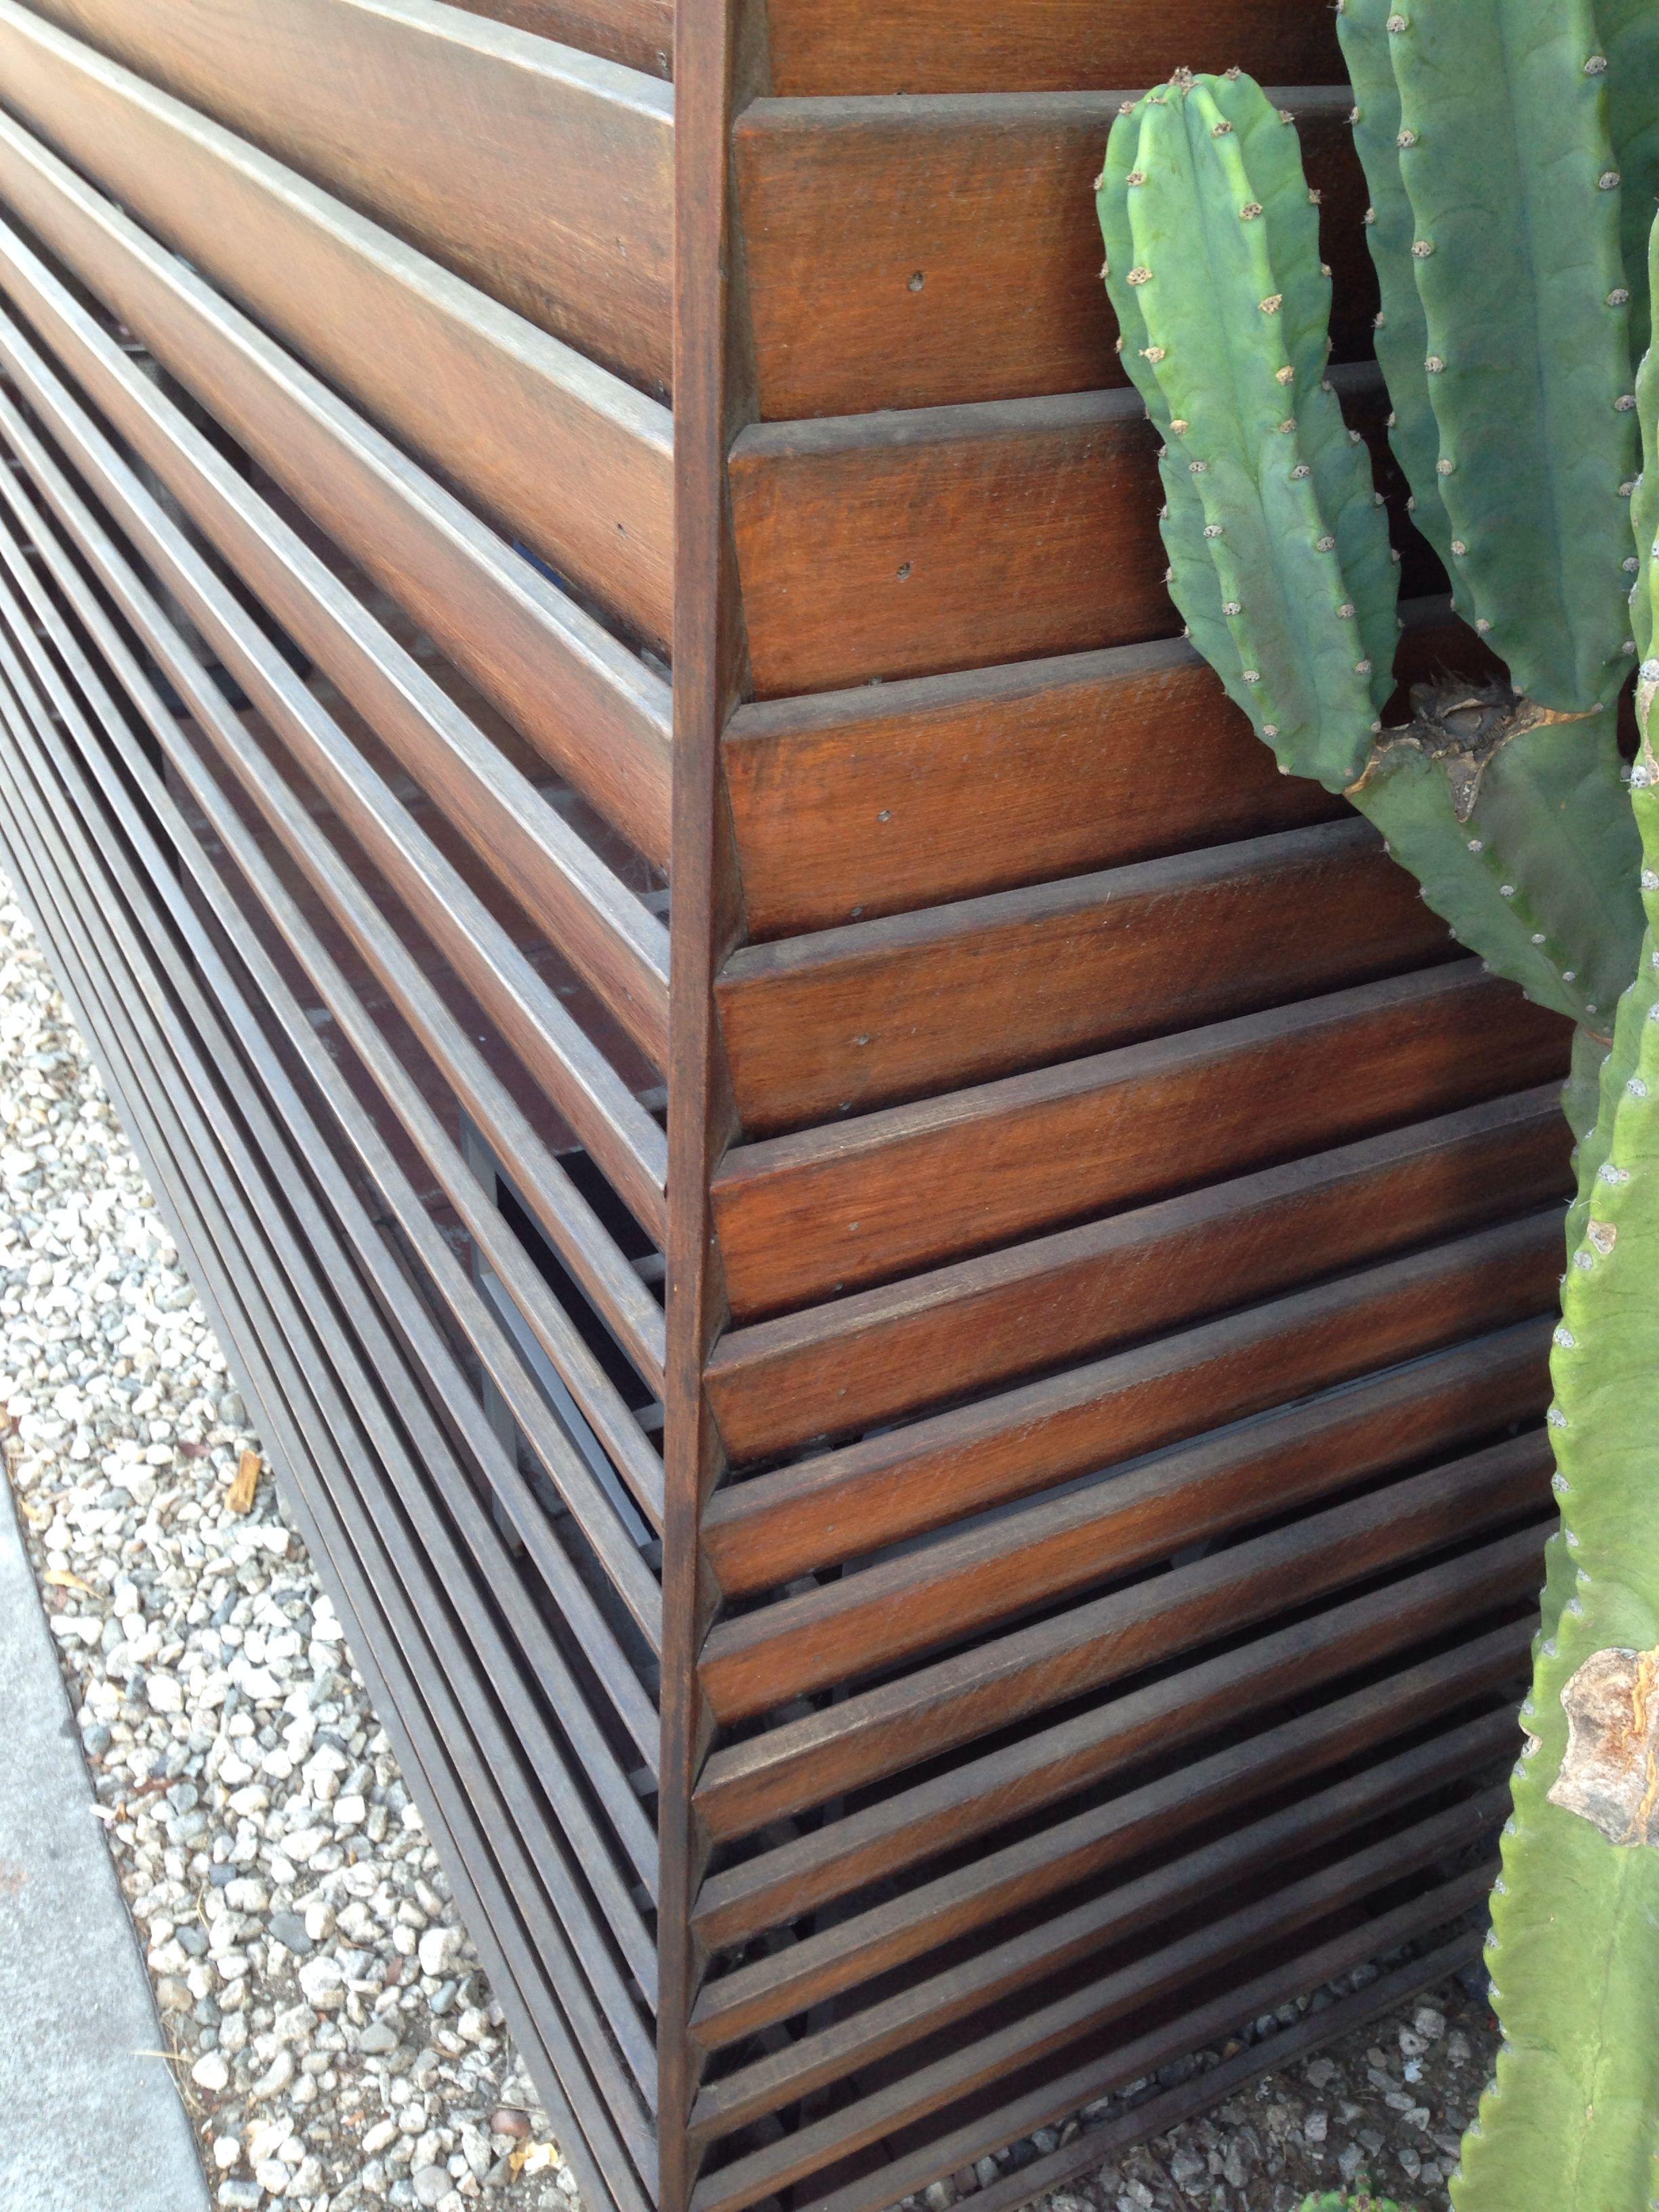 Inverted fence. Wood slats great design.